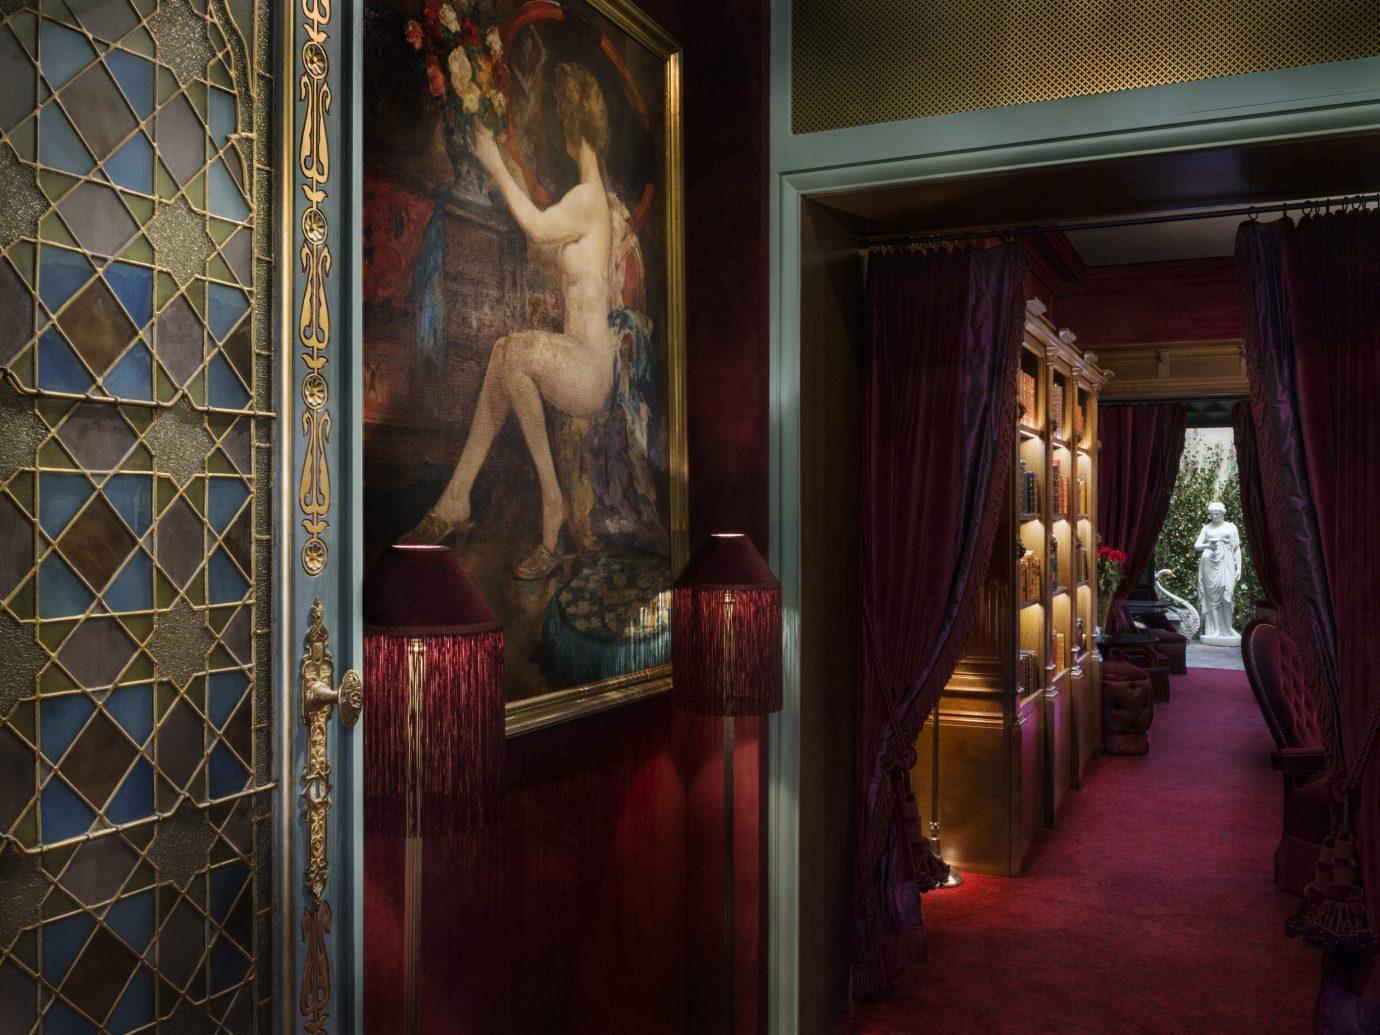 Hotels indoor color floor image interior design tourist attraction temple window